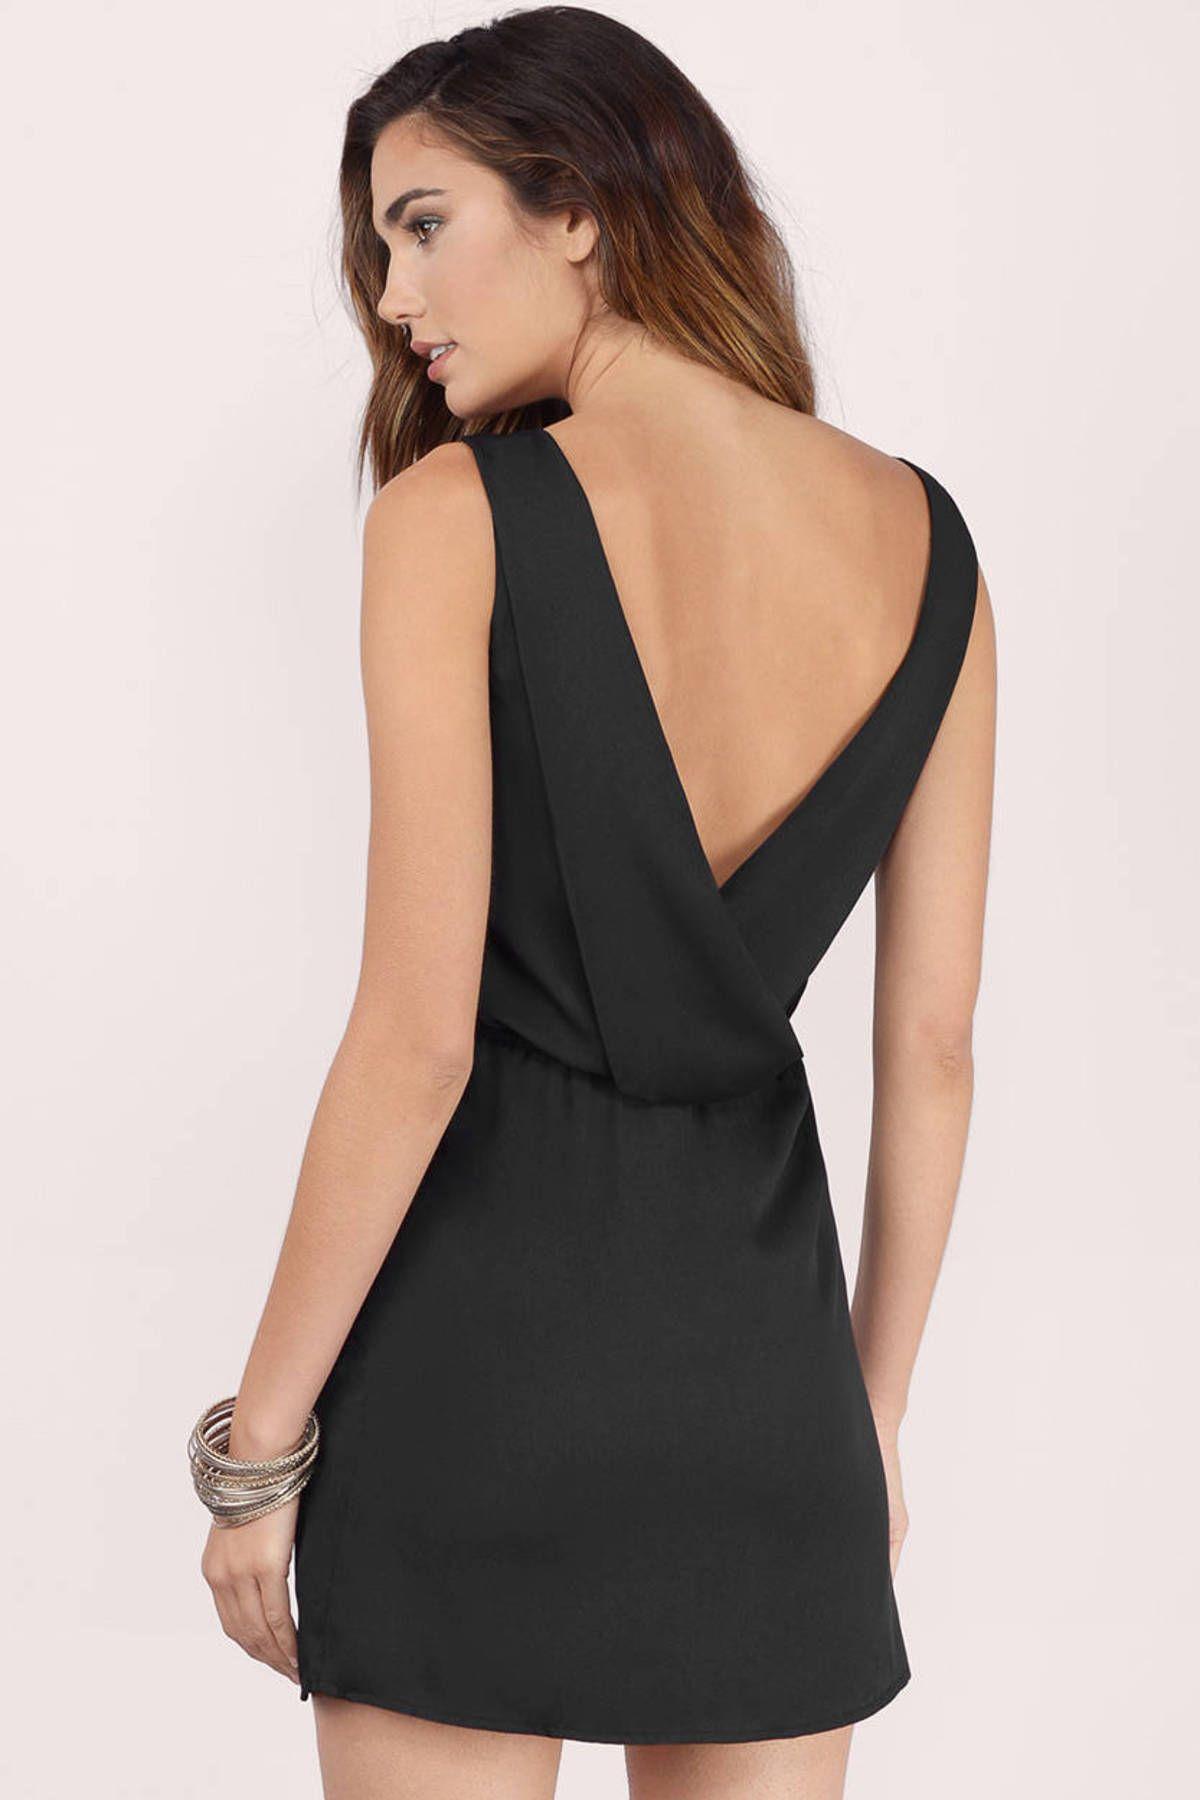 Sweet drop dress at tobi shoptobi things to wear pinterest